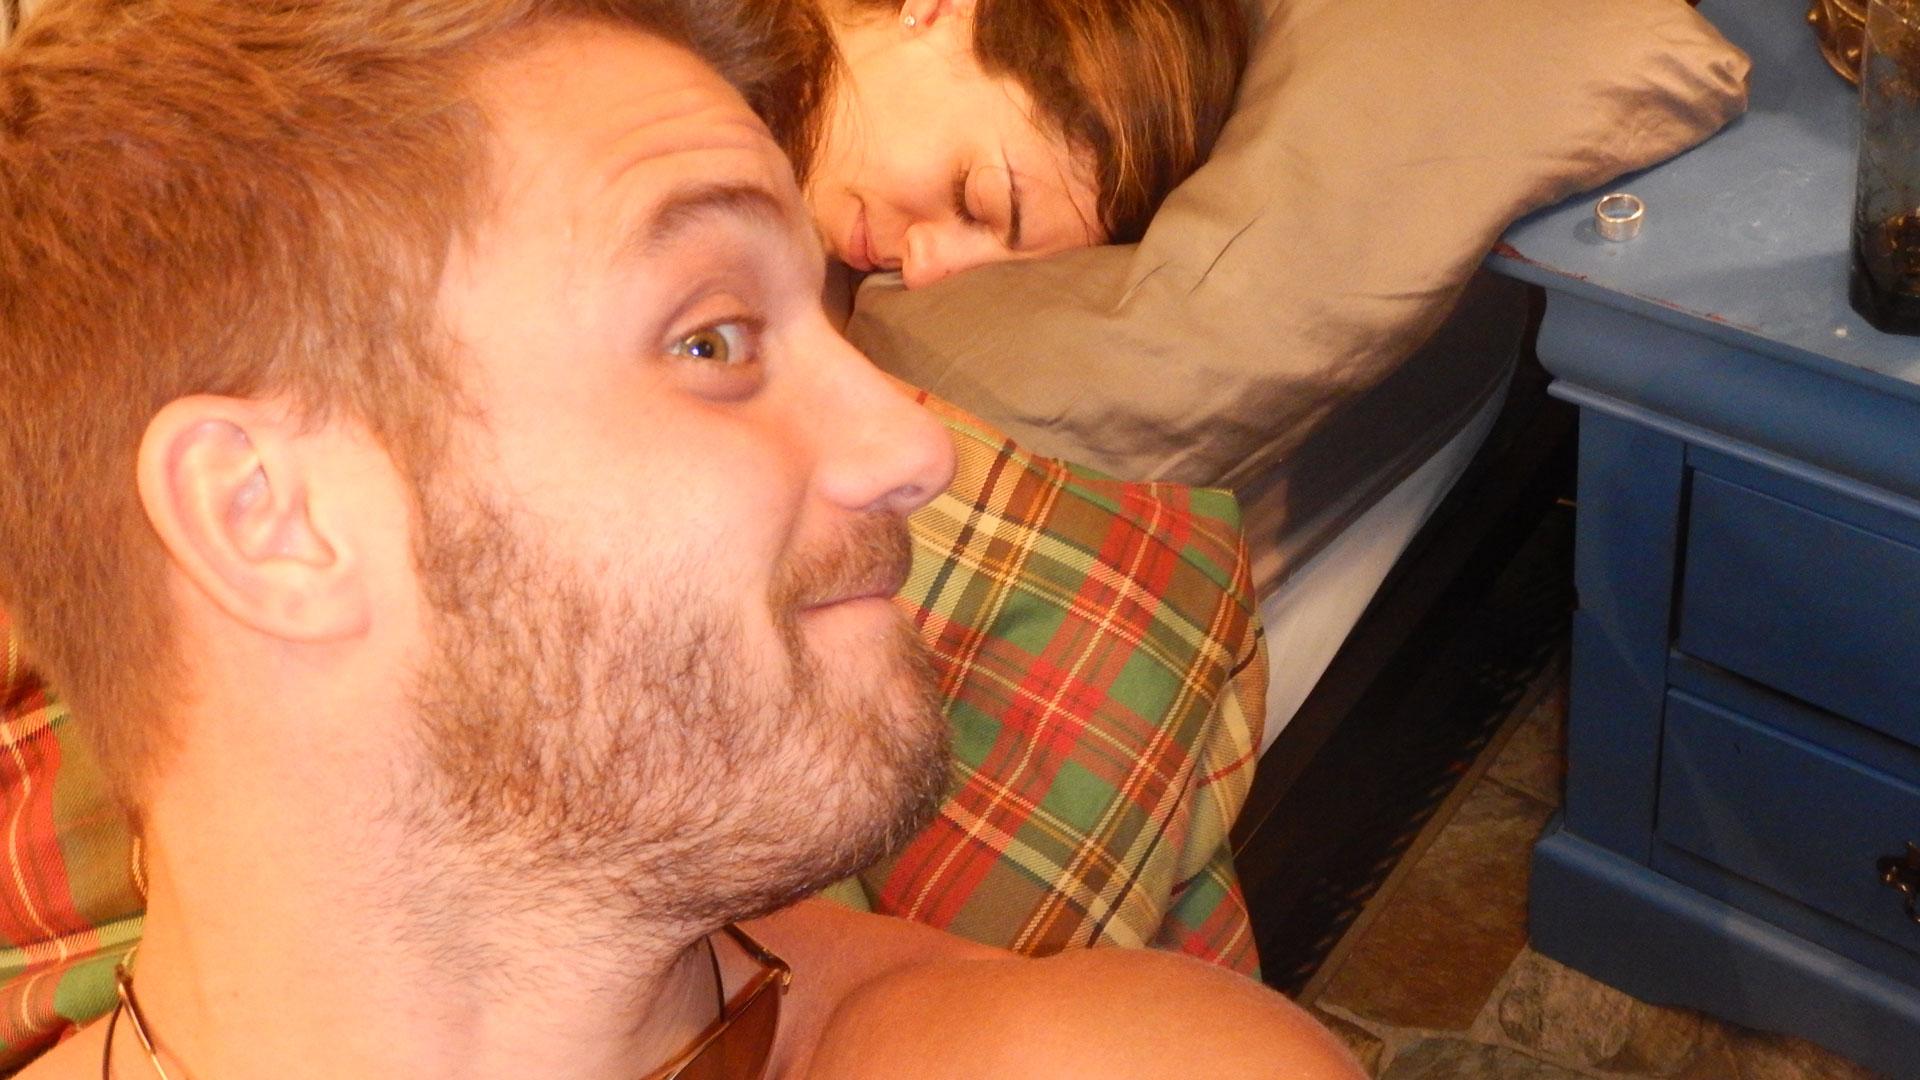 Paulie peers over a snoozing Bronte.